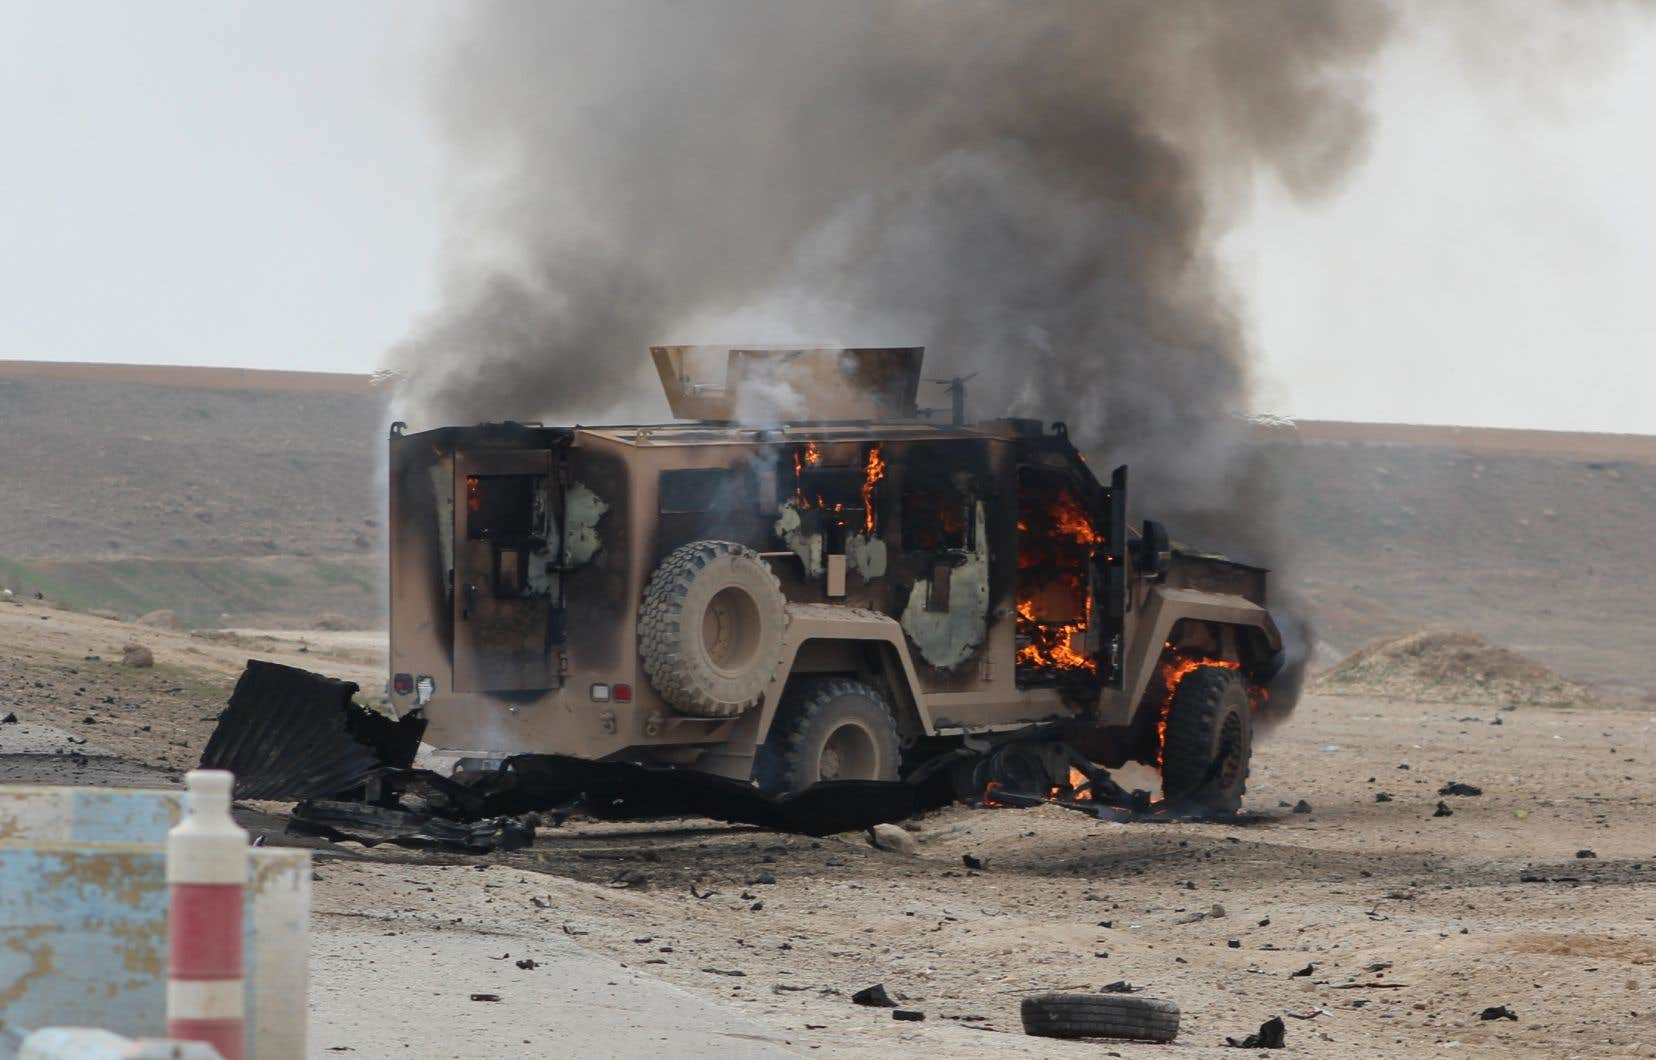 <p>Le groupe EI a rapidement revendiqué «une attaque suicide menée avec une voiture piégée», selon son organe de propagande Amaq.</p>